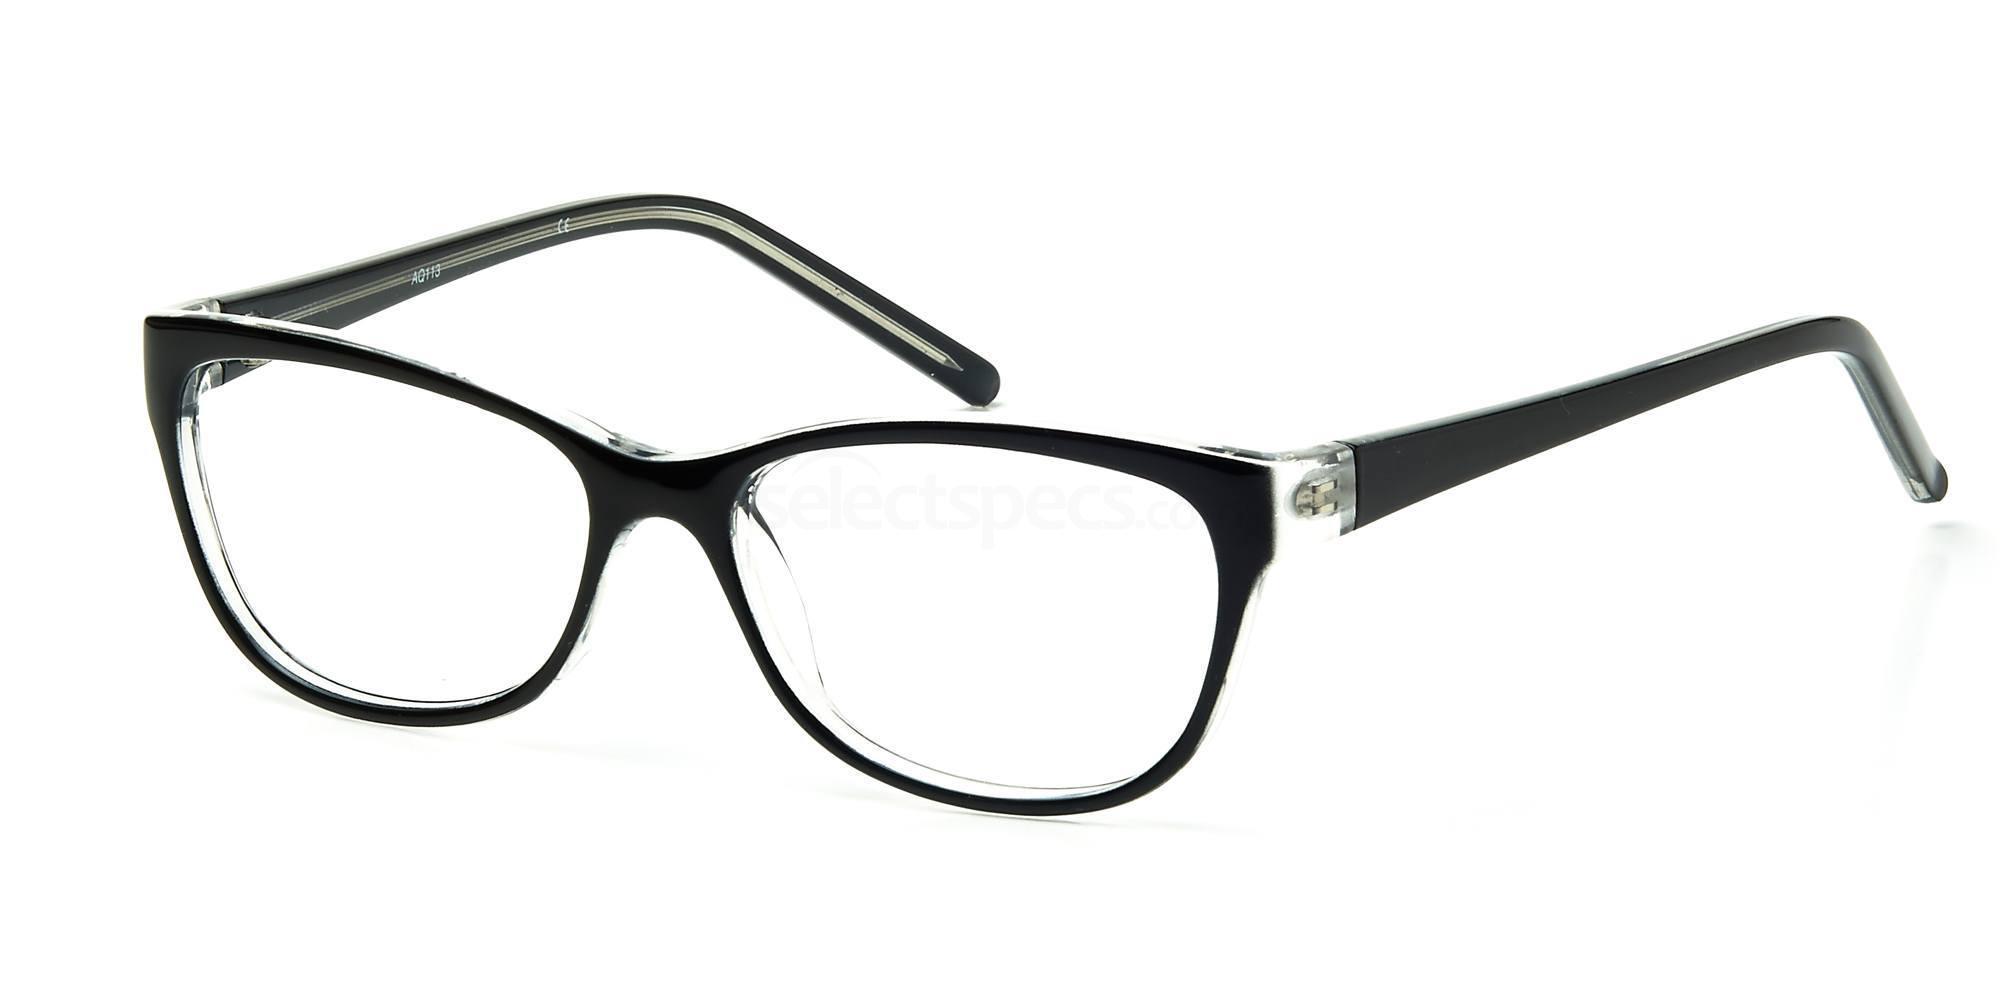 C1 AQ113 Glasses, Aquarius